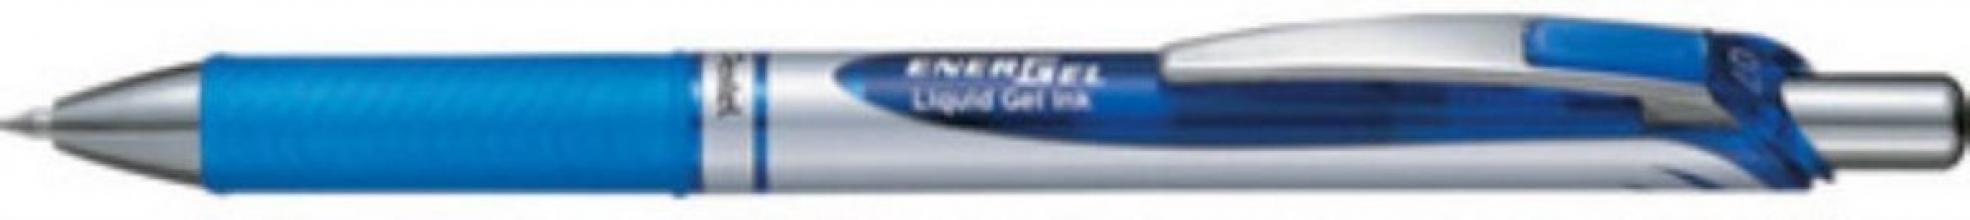 , Gelschrijver Pentel Energel BL77 groen 0.4mm